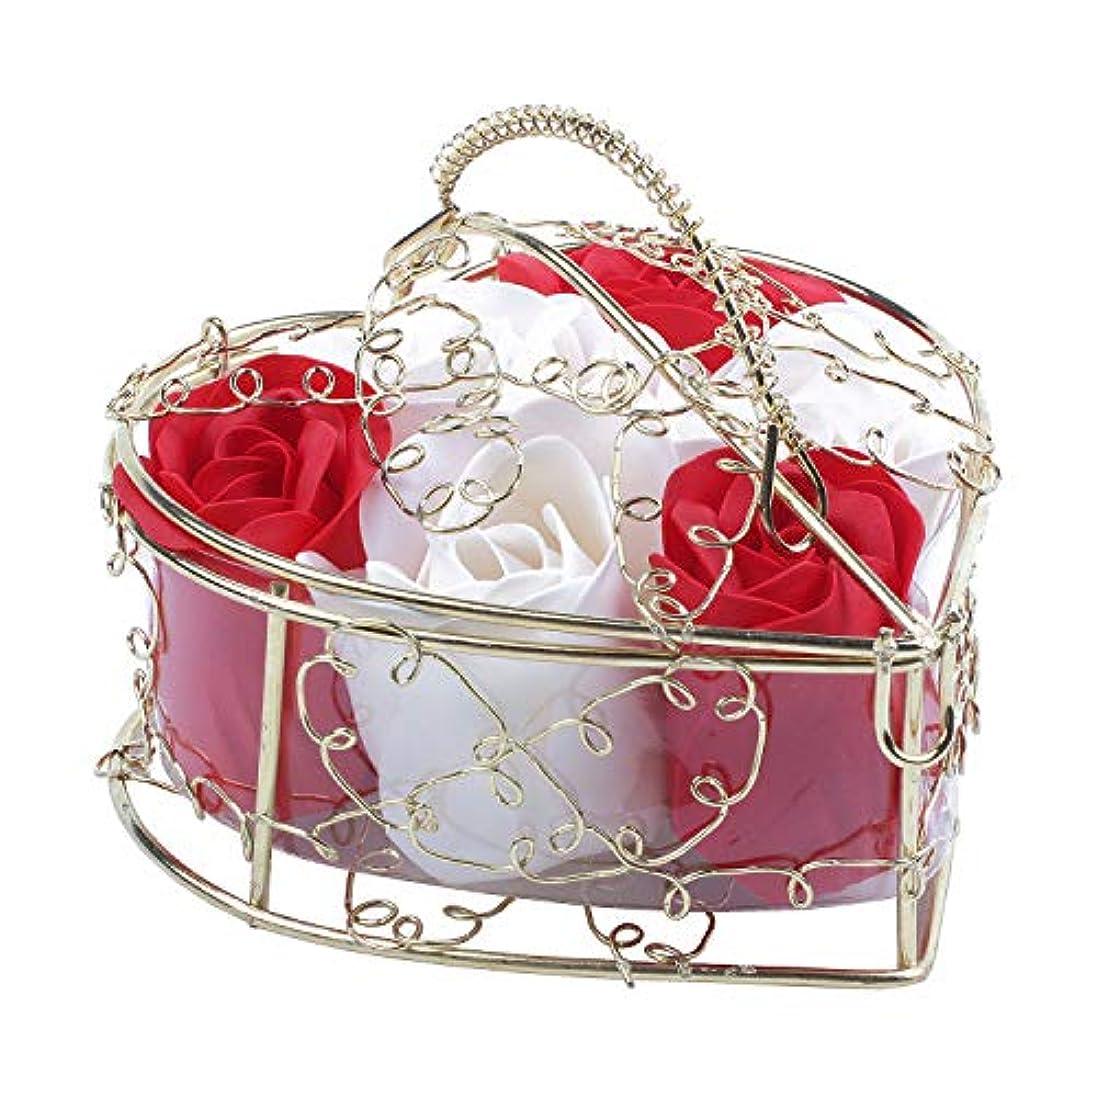 SODIAL 6個の香り付きローズフラワー 花びらバス ボディソープ ウェディングパーティーギフト ホームDIYデコレーション(レッド&ホワイト)